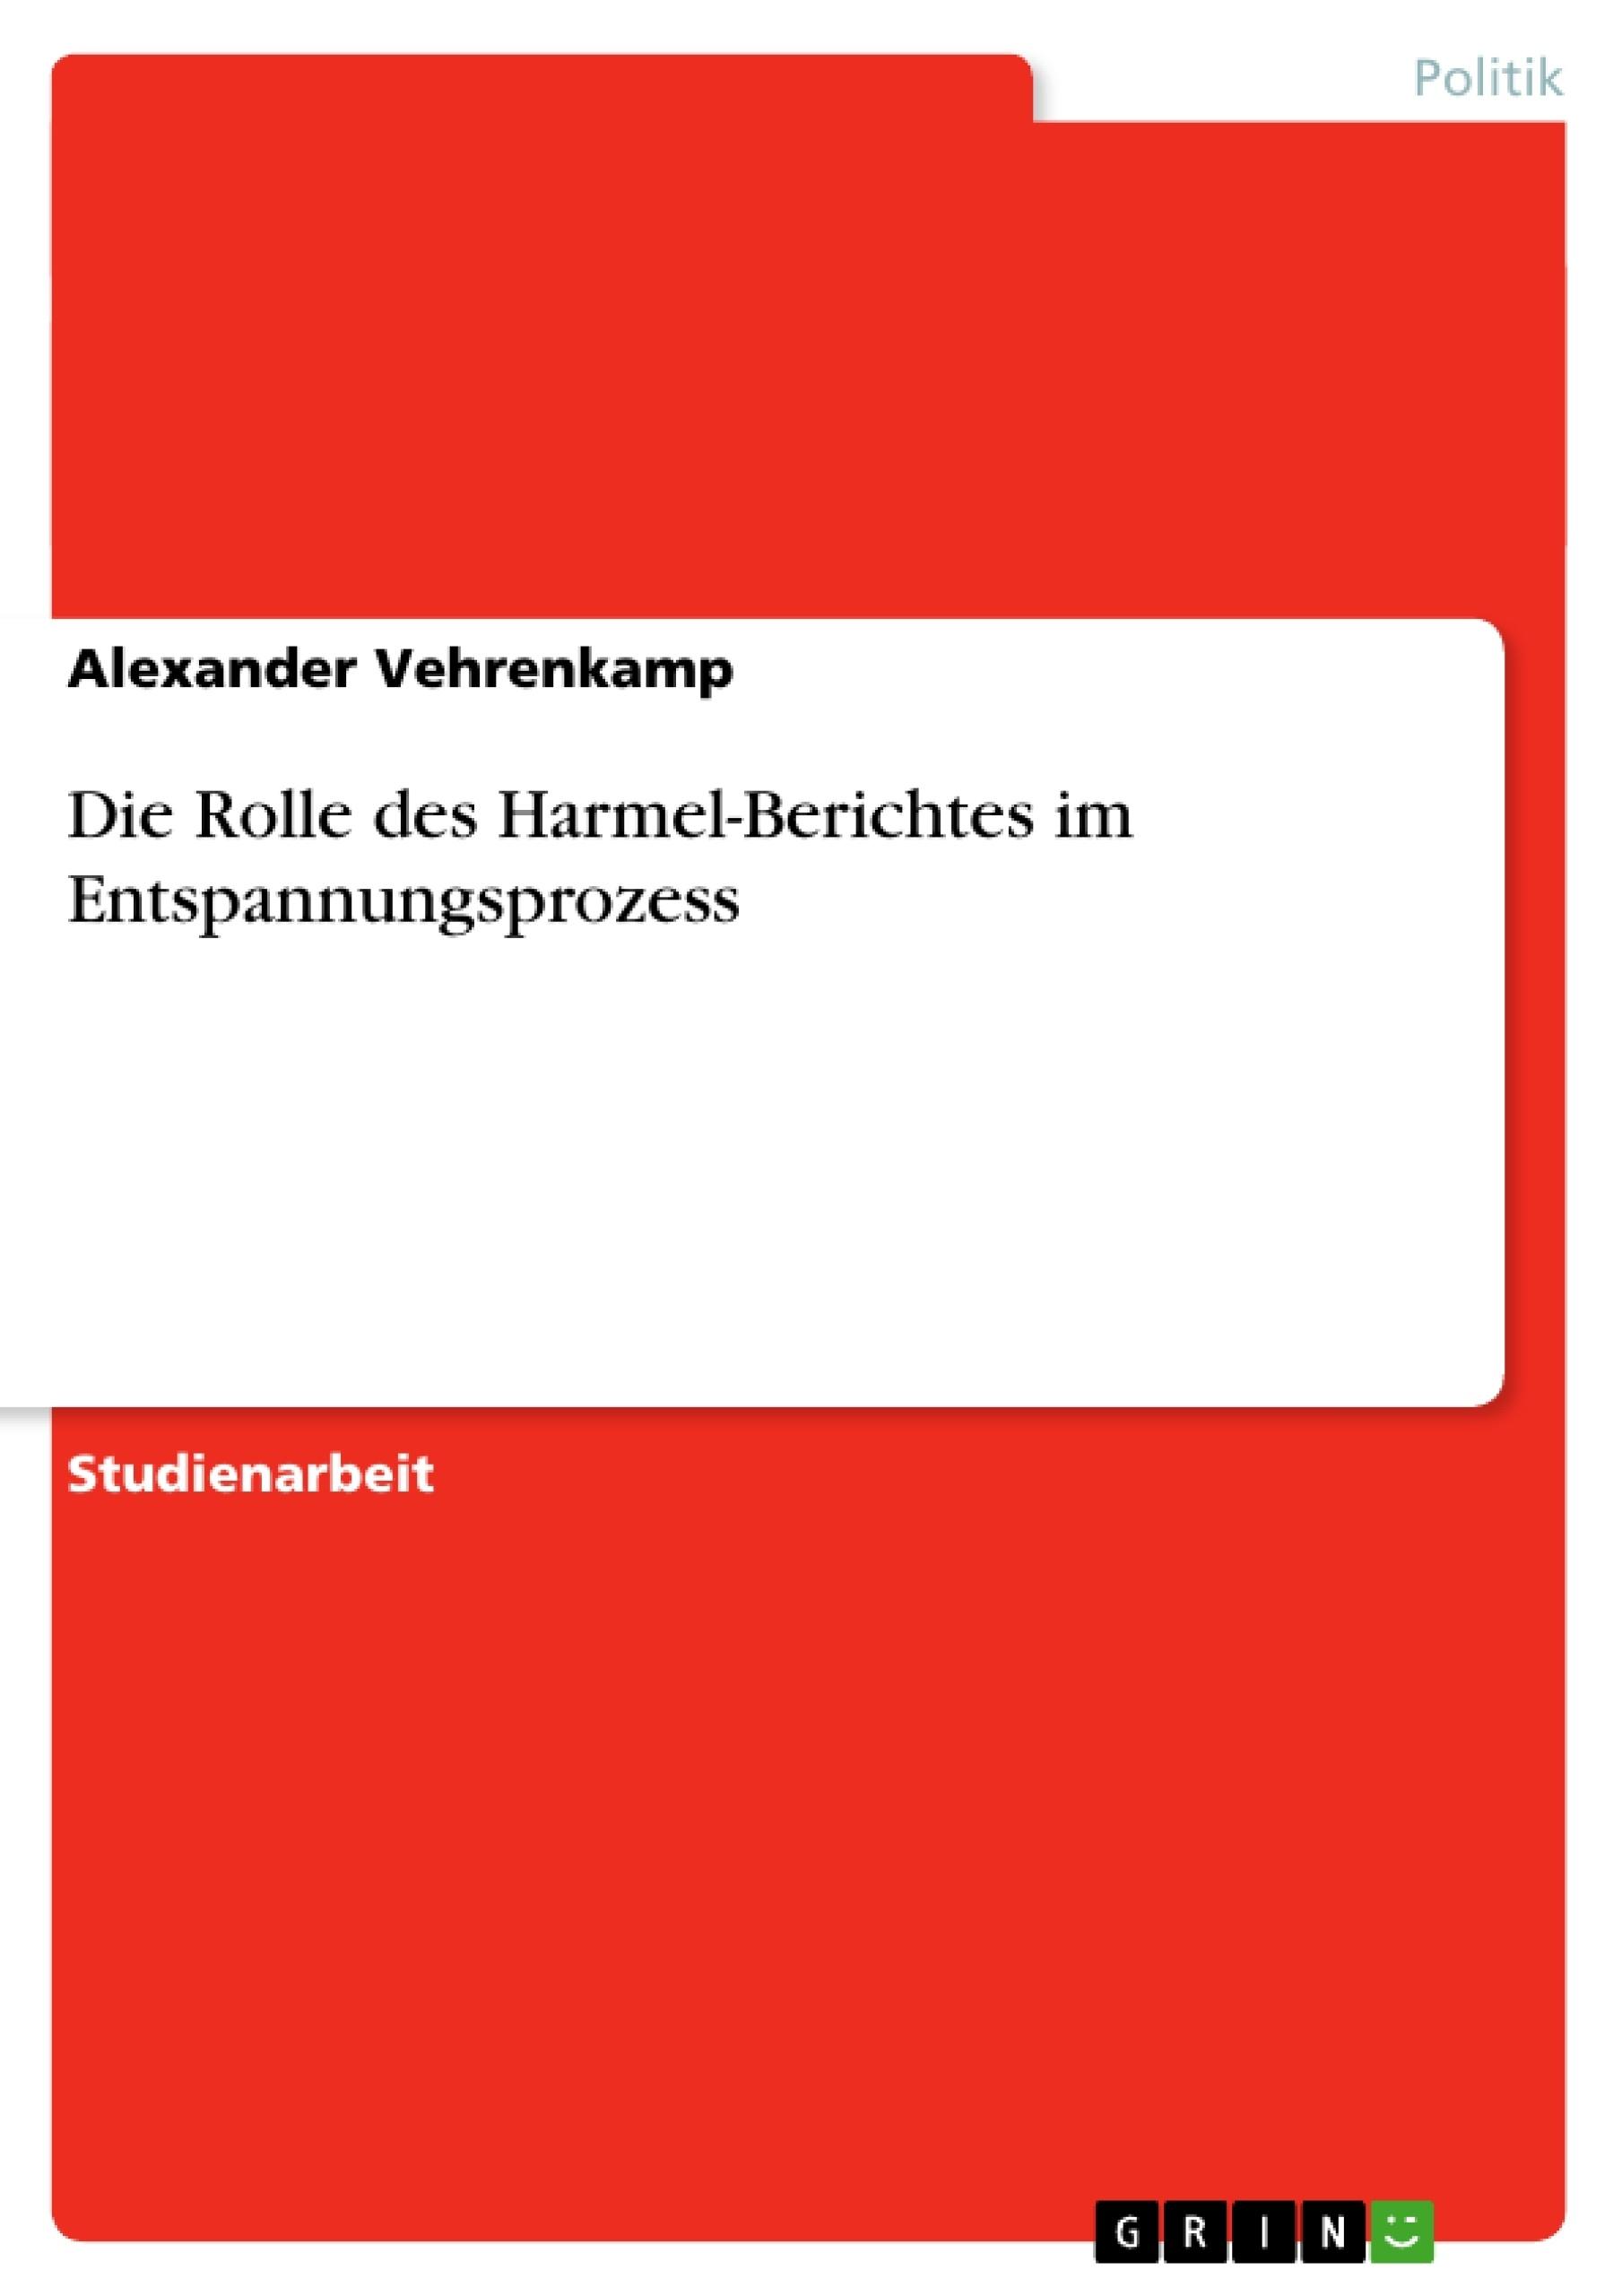 Titel: Die Rolle des Harmel-Berichtes im Entspannungsprozess